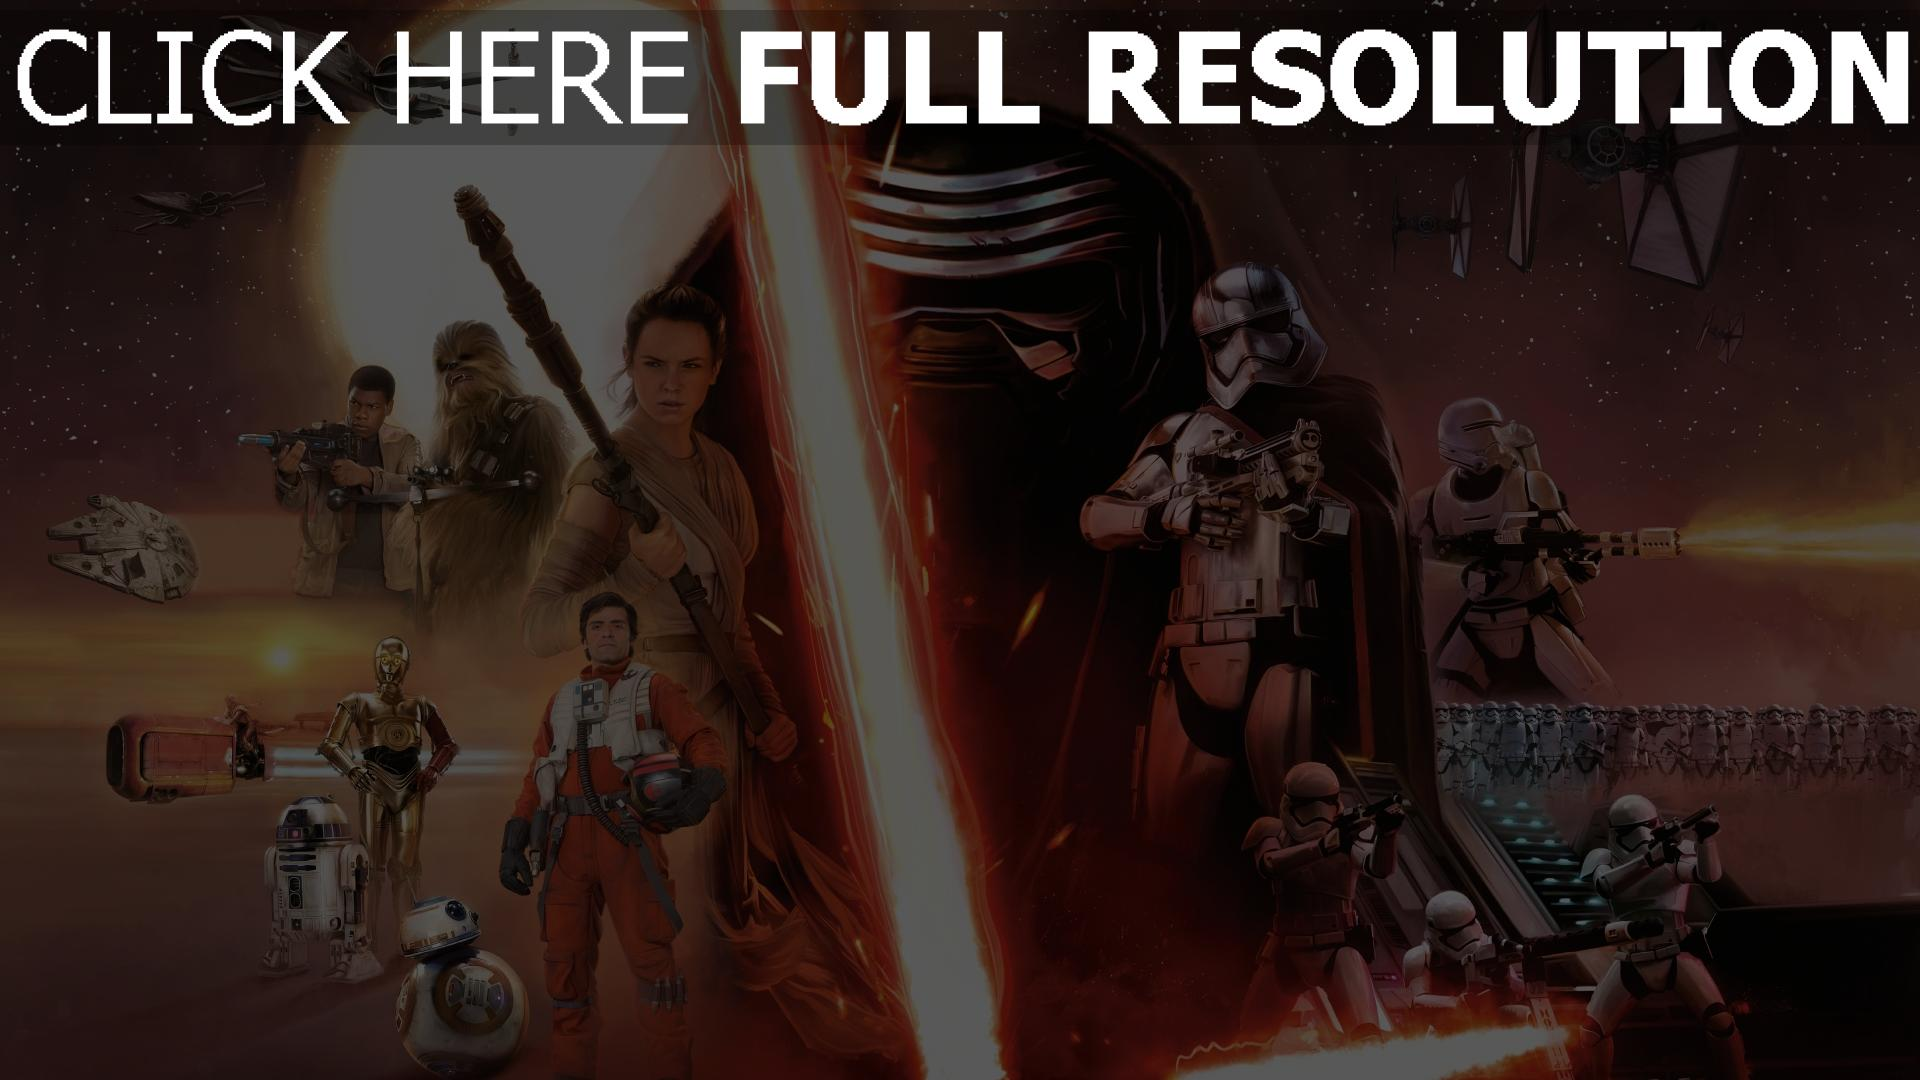 Jouez gratuitement à Star Wars The Old Republic et forgez votre propre saga Star Wars dans un jeu MMO doté d'un riche scénario, développé par BioWare en collaboration avec LucasArts.